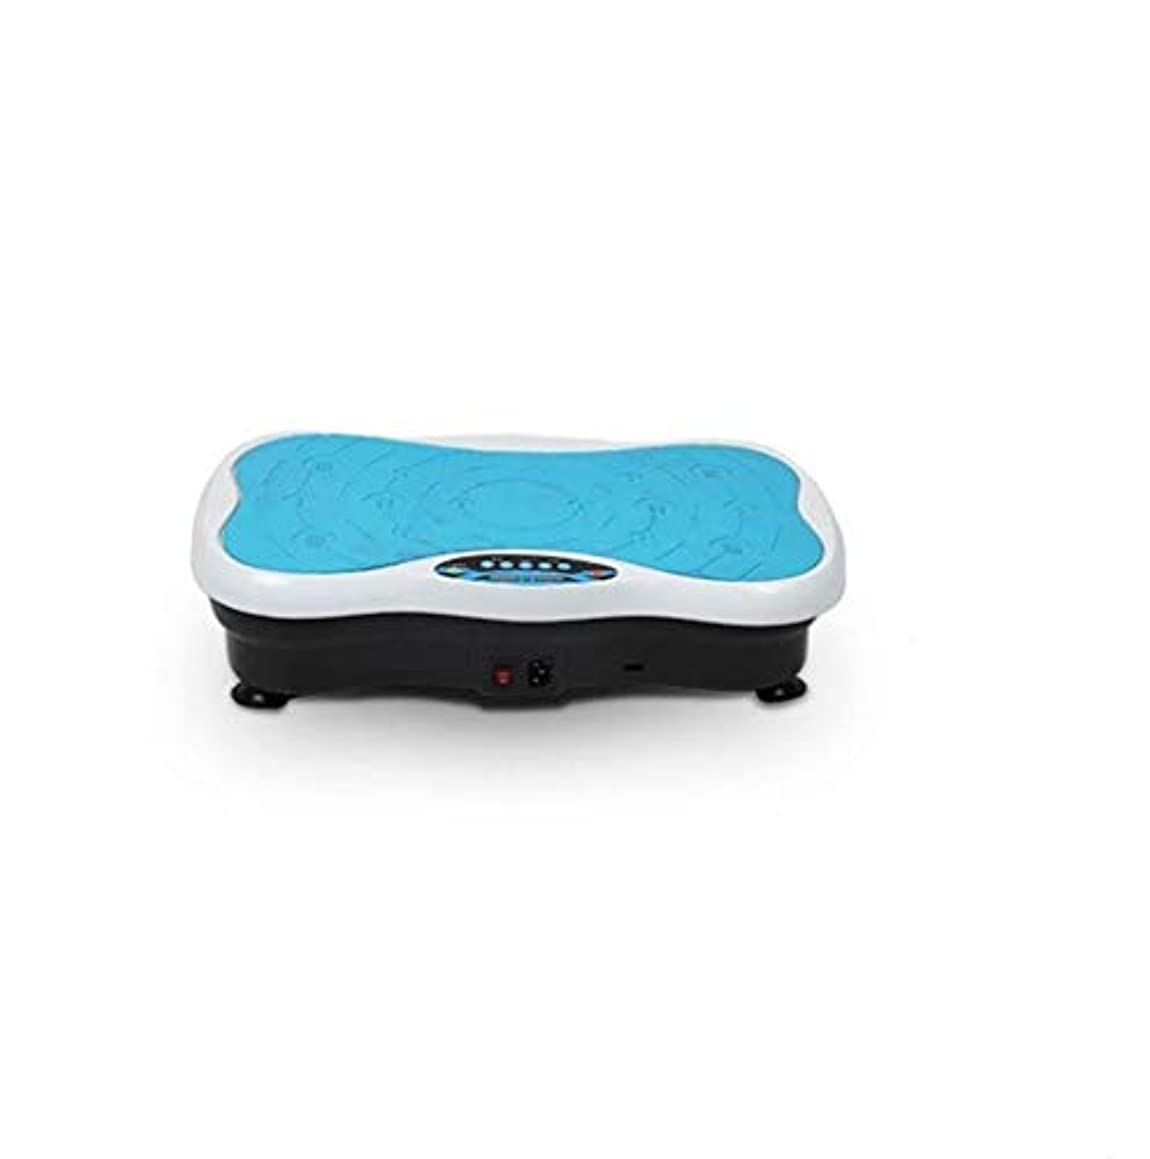 前部離れてゲージ3D電気減量マシン、振動フィットネストレーナー、ホームオフィスの脂肪燃焼マッサージ装置 (Color : 青)